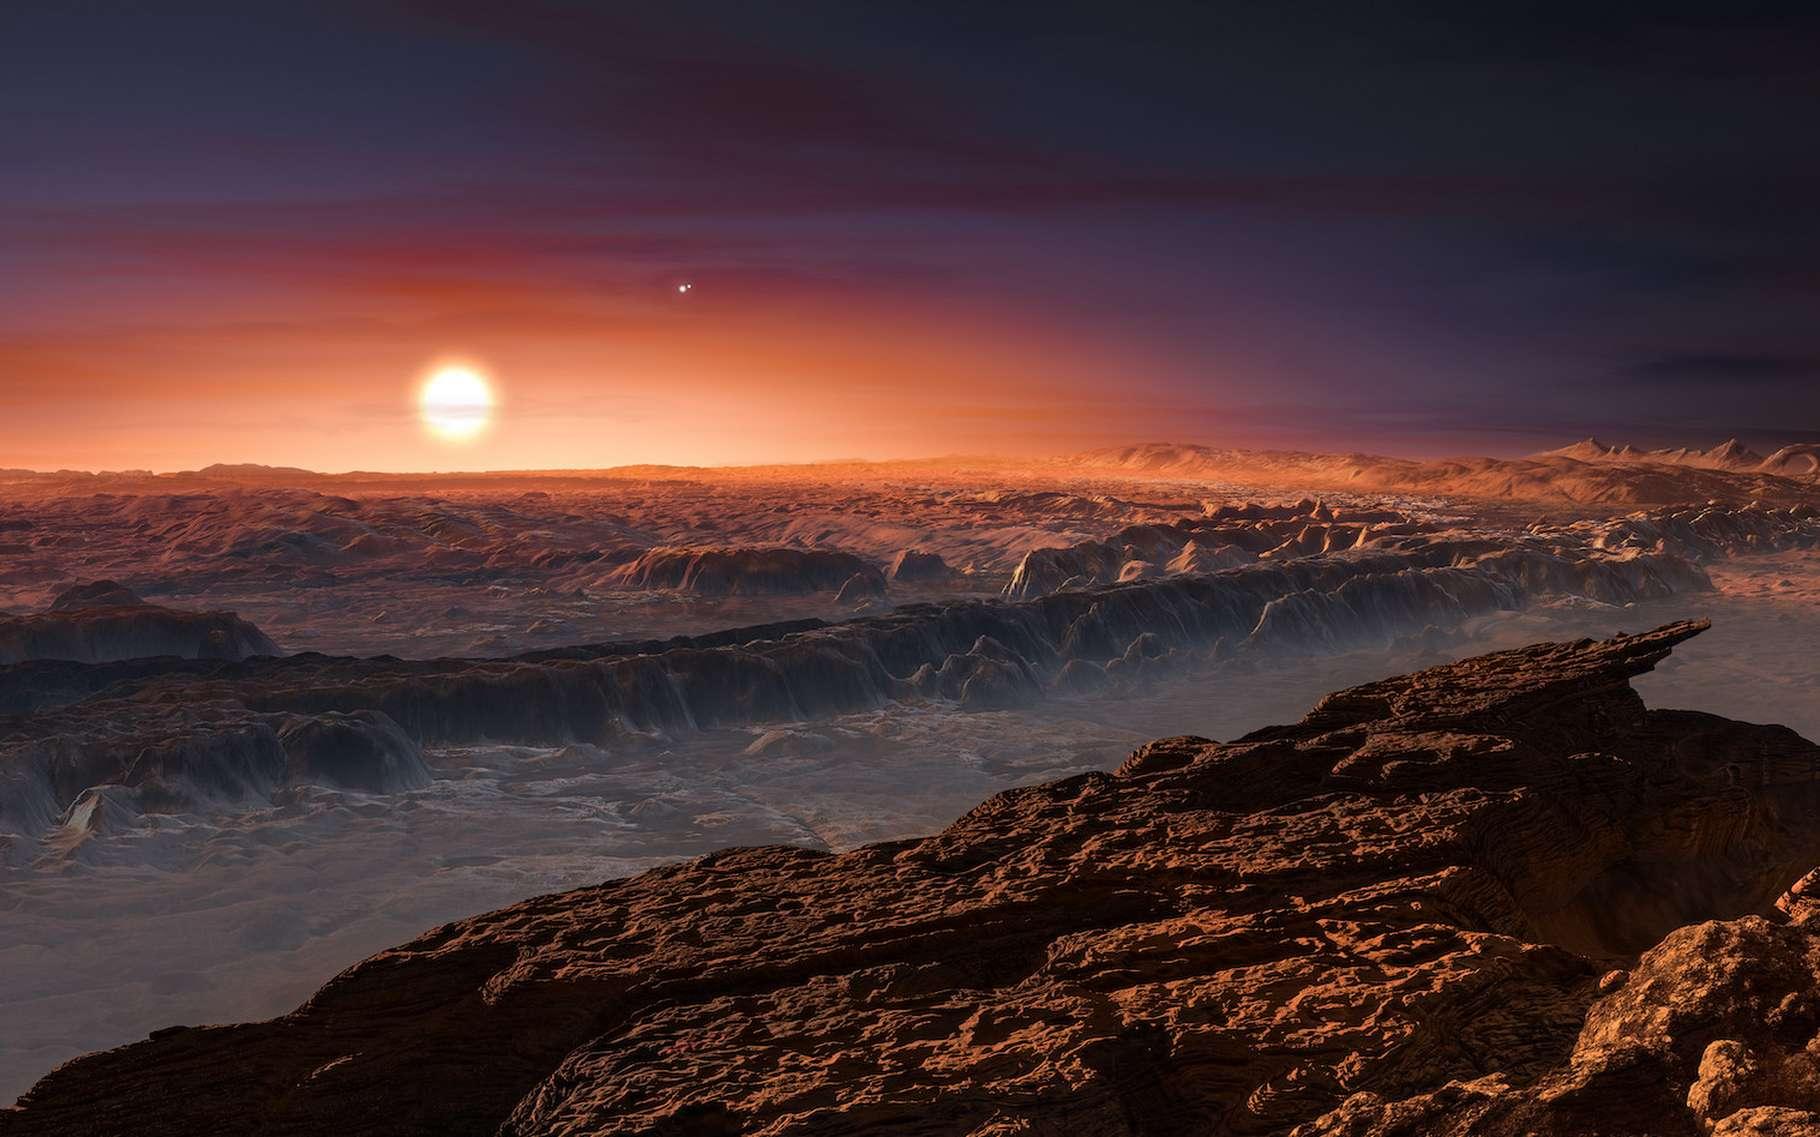 Une vue d'artiste du paysage de Proxima b, en orbite autour de Proxima Centauri, une naine rouge, au fond. © M. Kommesser, ESO